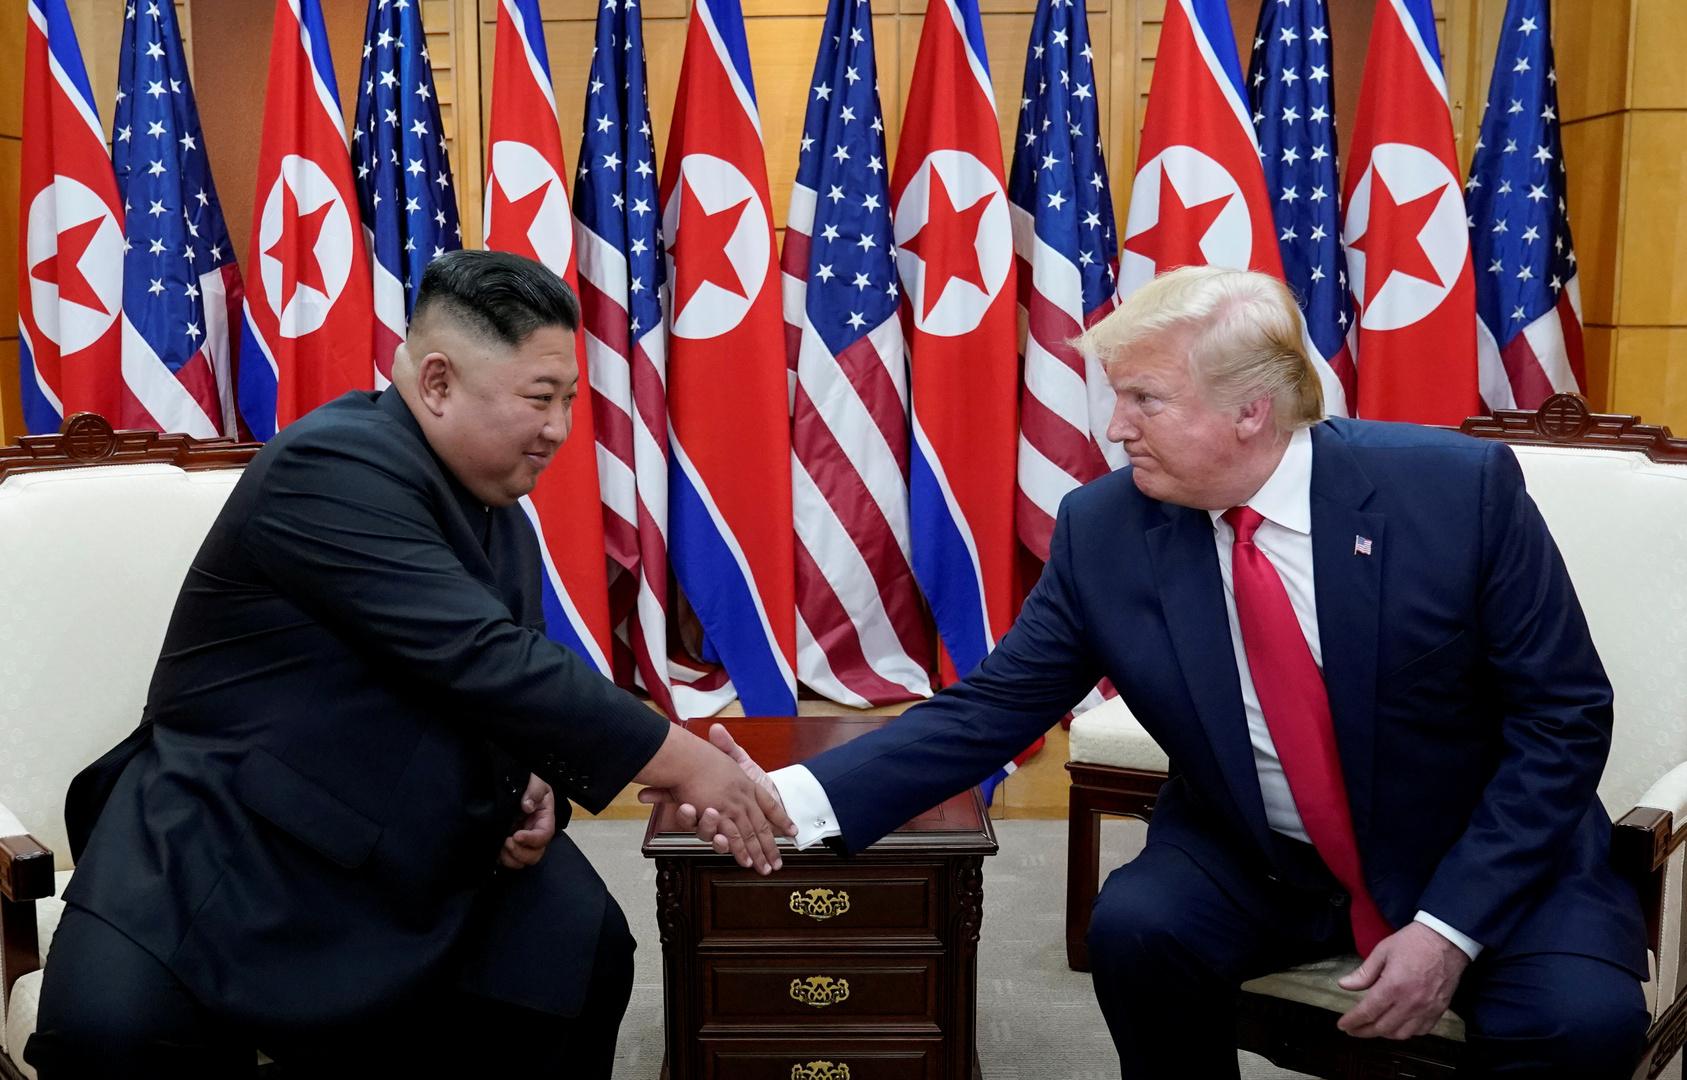 كوريا الشمالية: تصريحات ترامب مخيبة وصادرة عن رجل عجوز